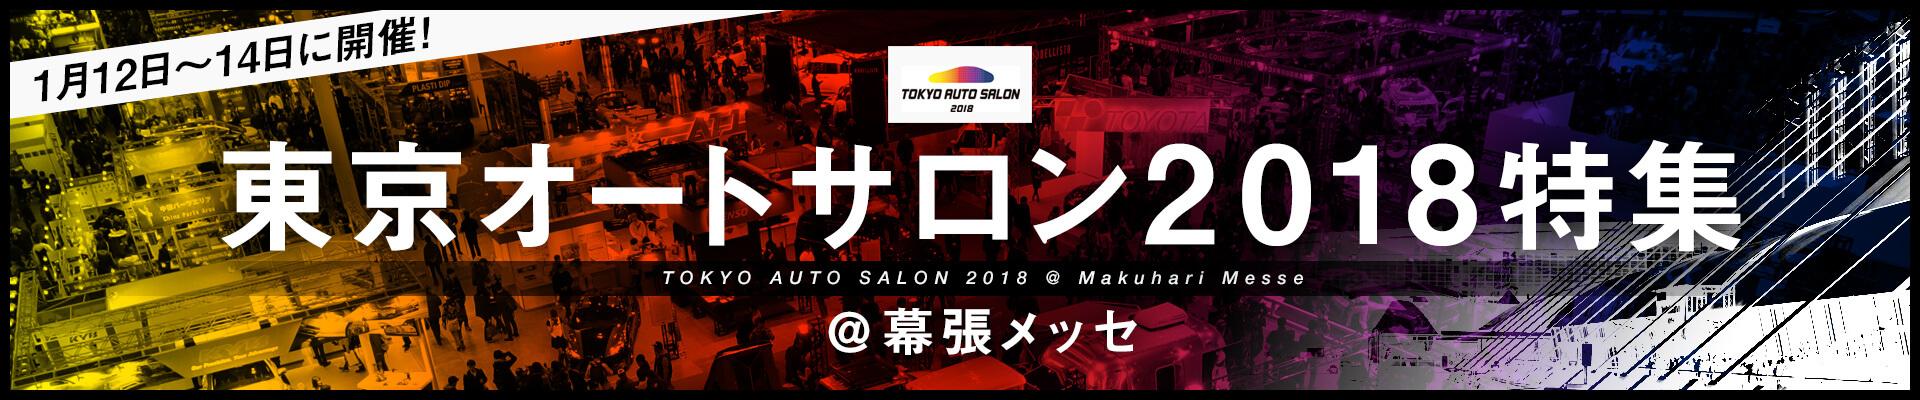 東京オートサロン2018特集